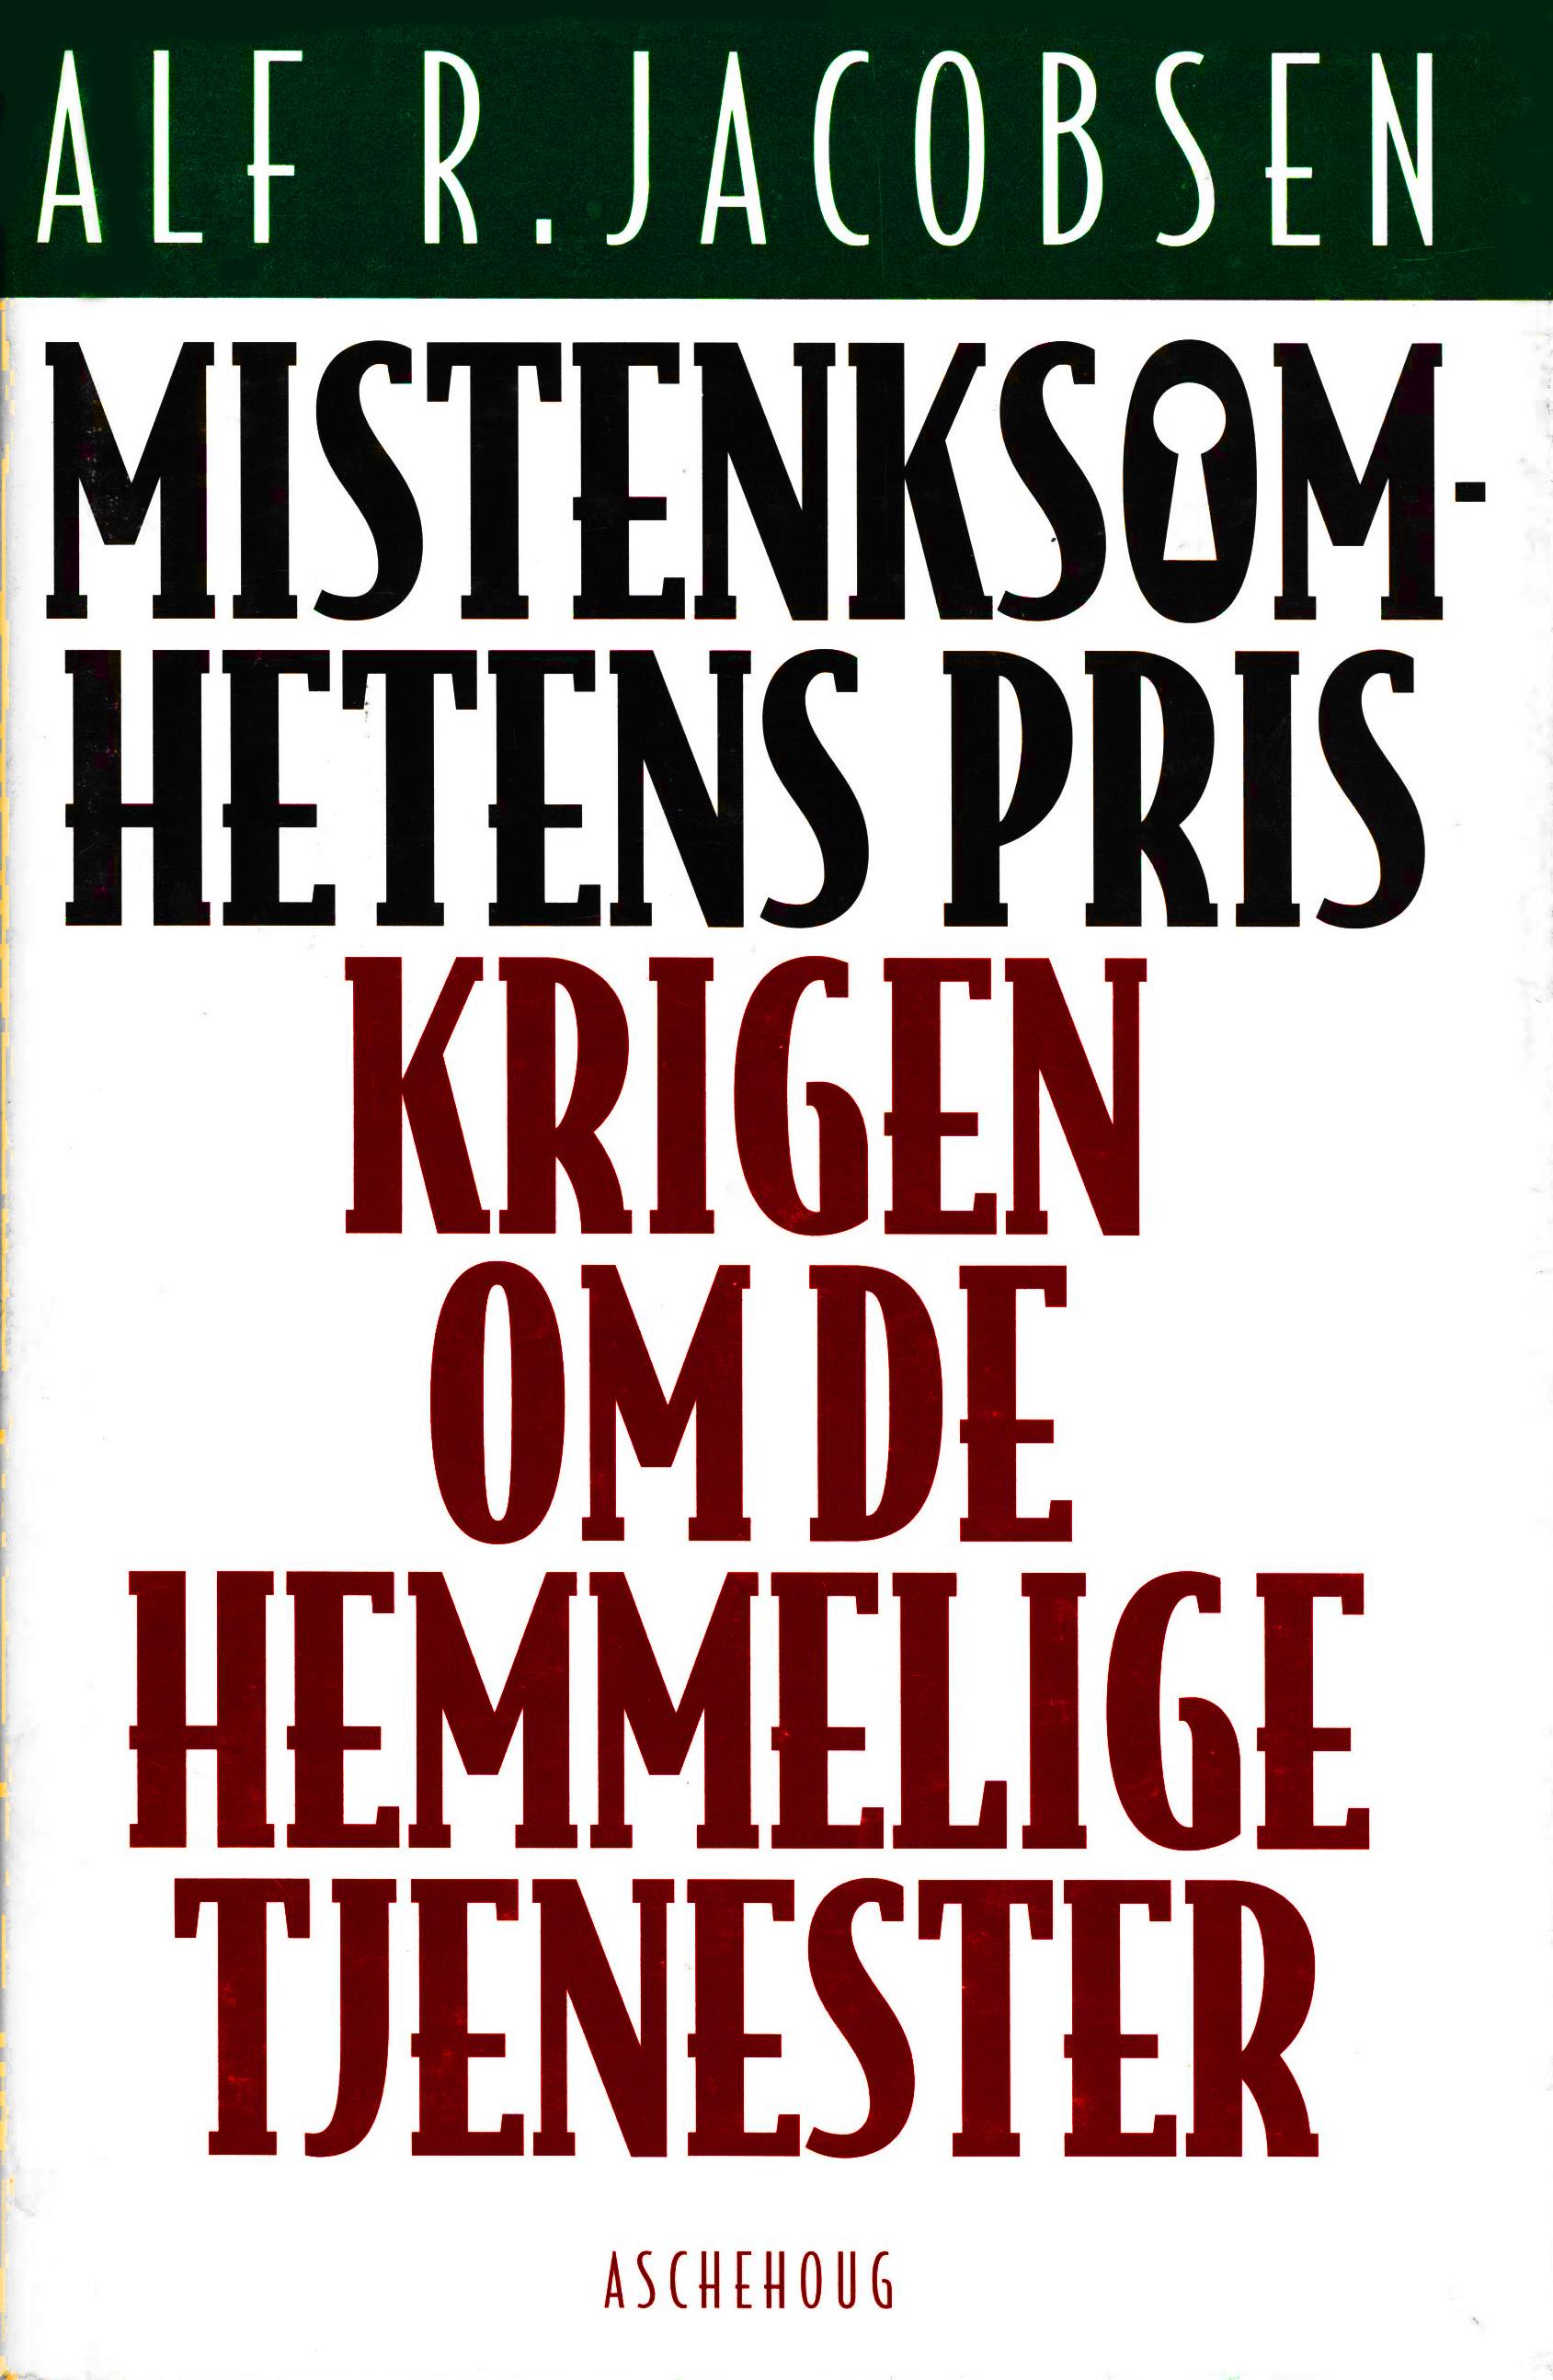 Alf R. Jacobsen: Mistenksomhetens pris - Krigen om de hemmelige tjenester